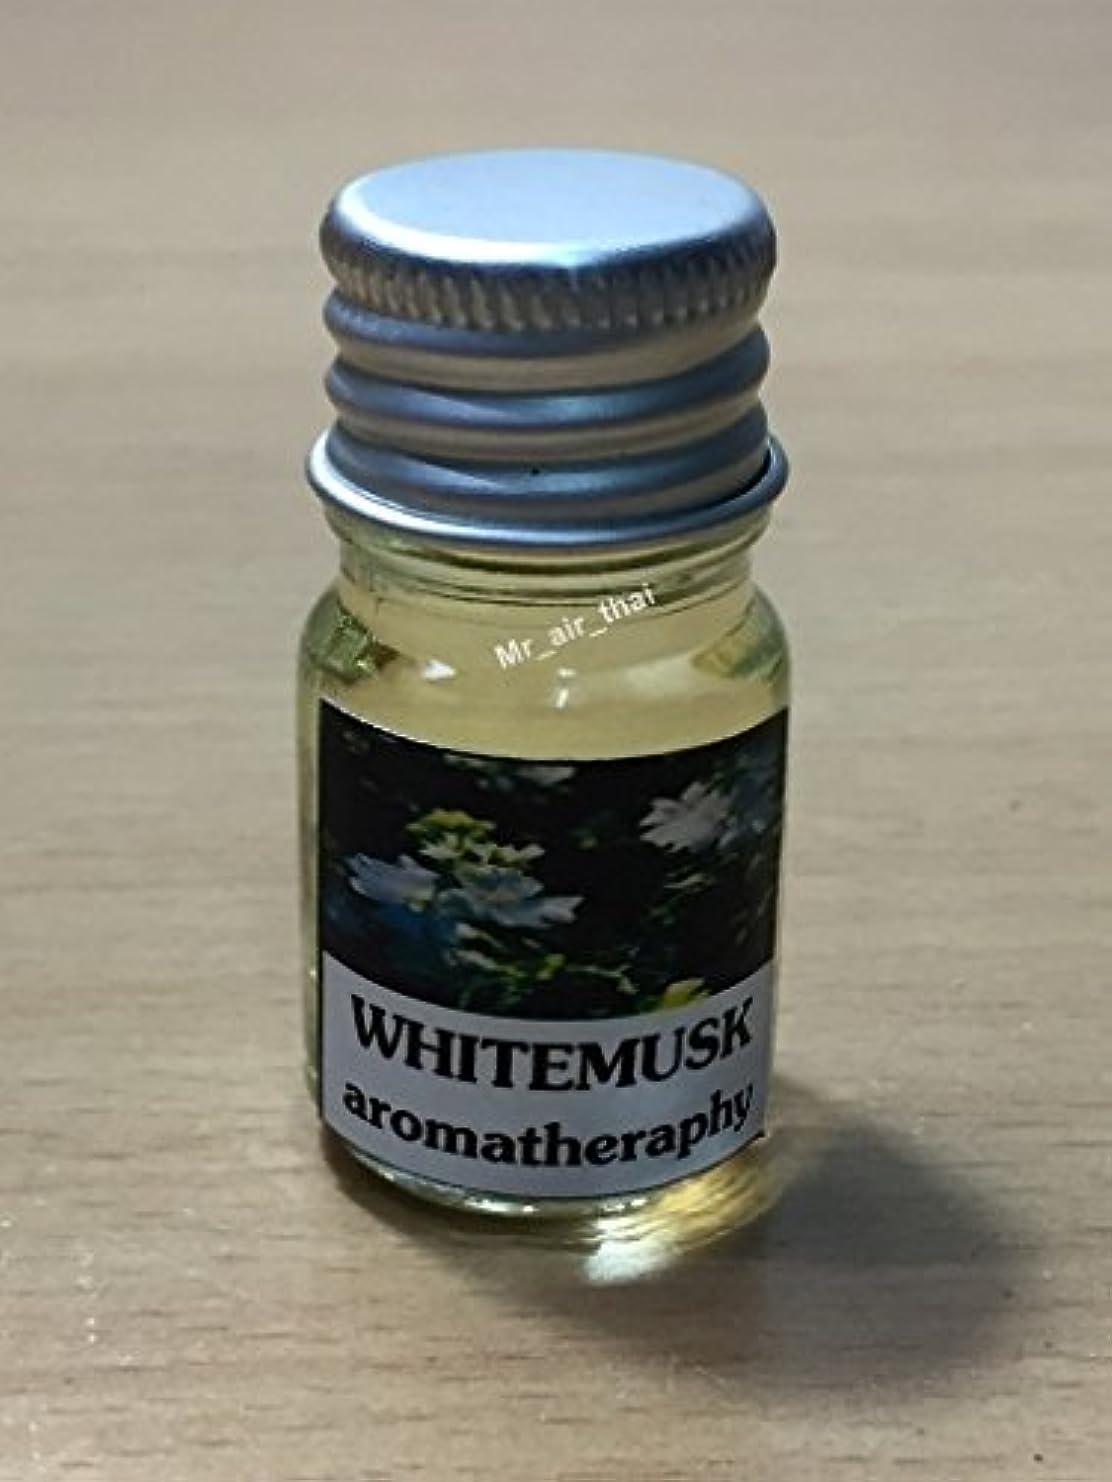 状イノセンス嘆く5ミリリットルアロマホワイトムスクフランクインセンスエッセンシャルオイルボトルアロマテラピーオイル自然自然5ml Aroma Whitemusk Frankincense Essential Oil Bottles Aromatherapy...